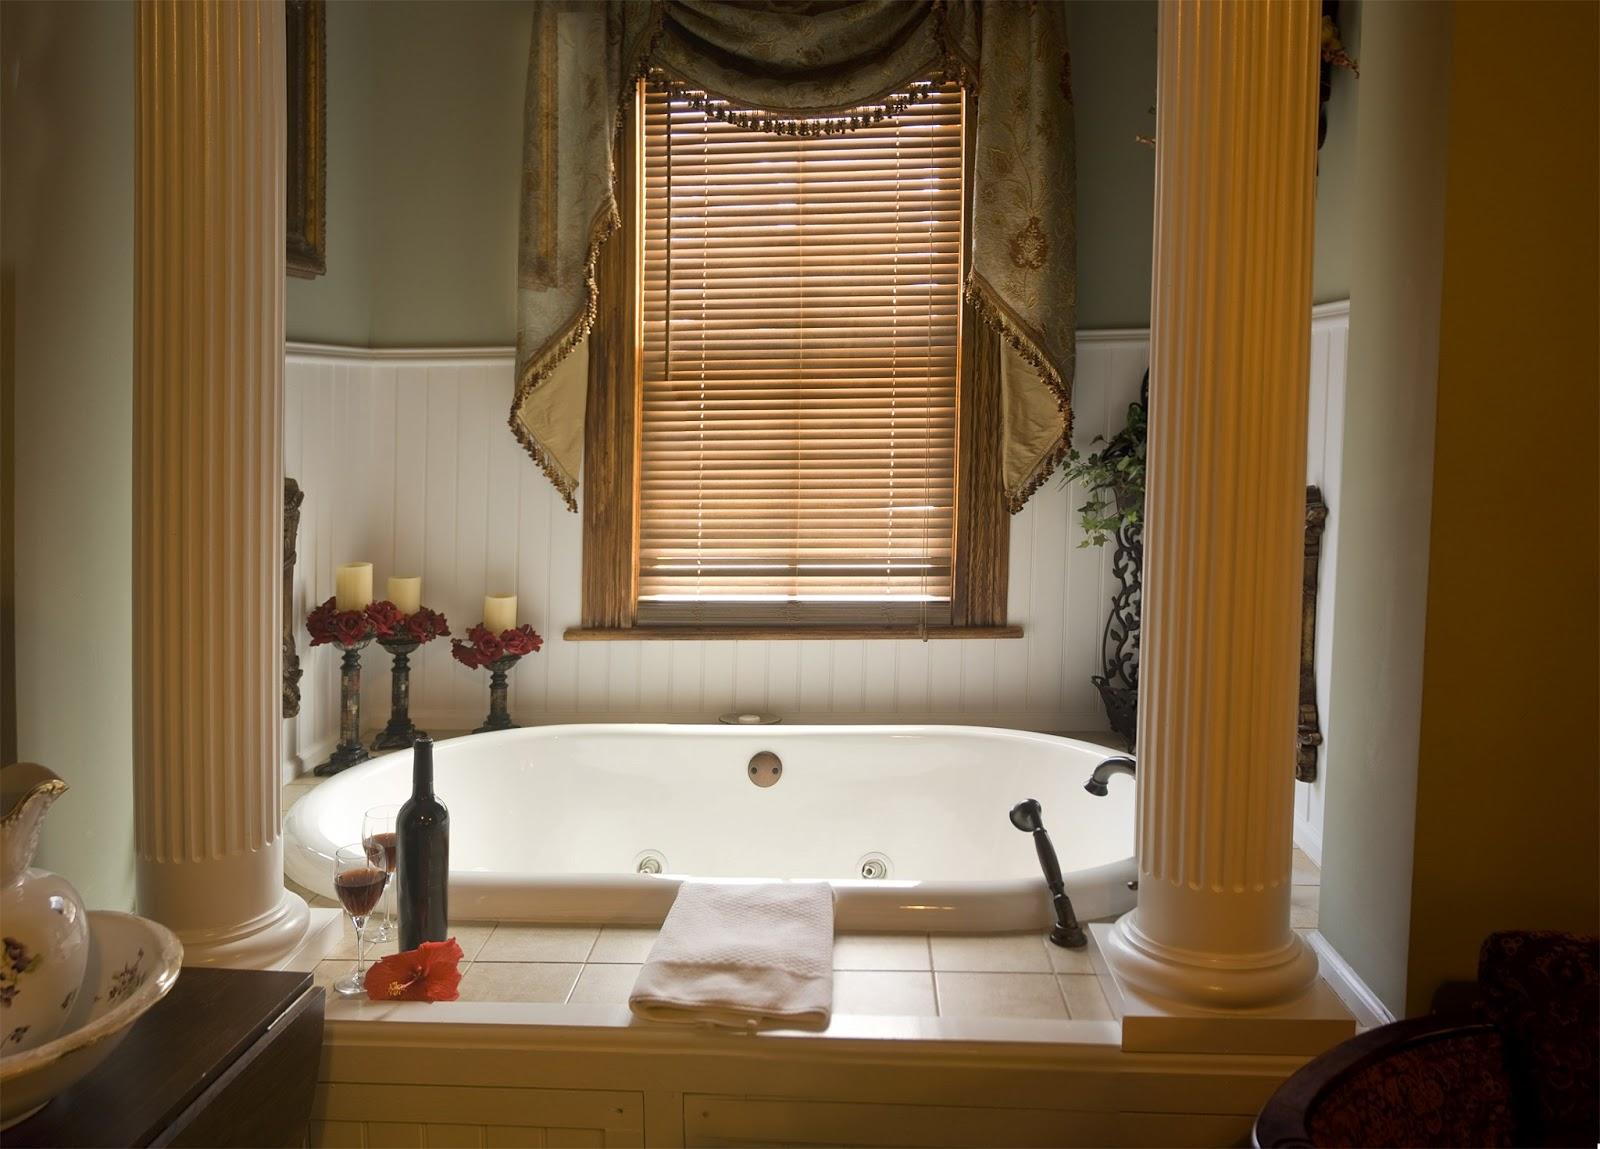 Nuradahangel best doorless shower design plans for Bathroom remodel planner